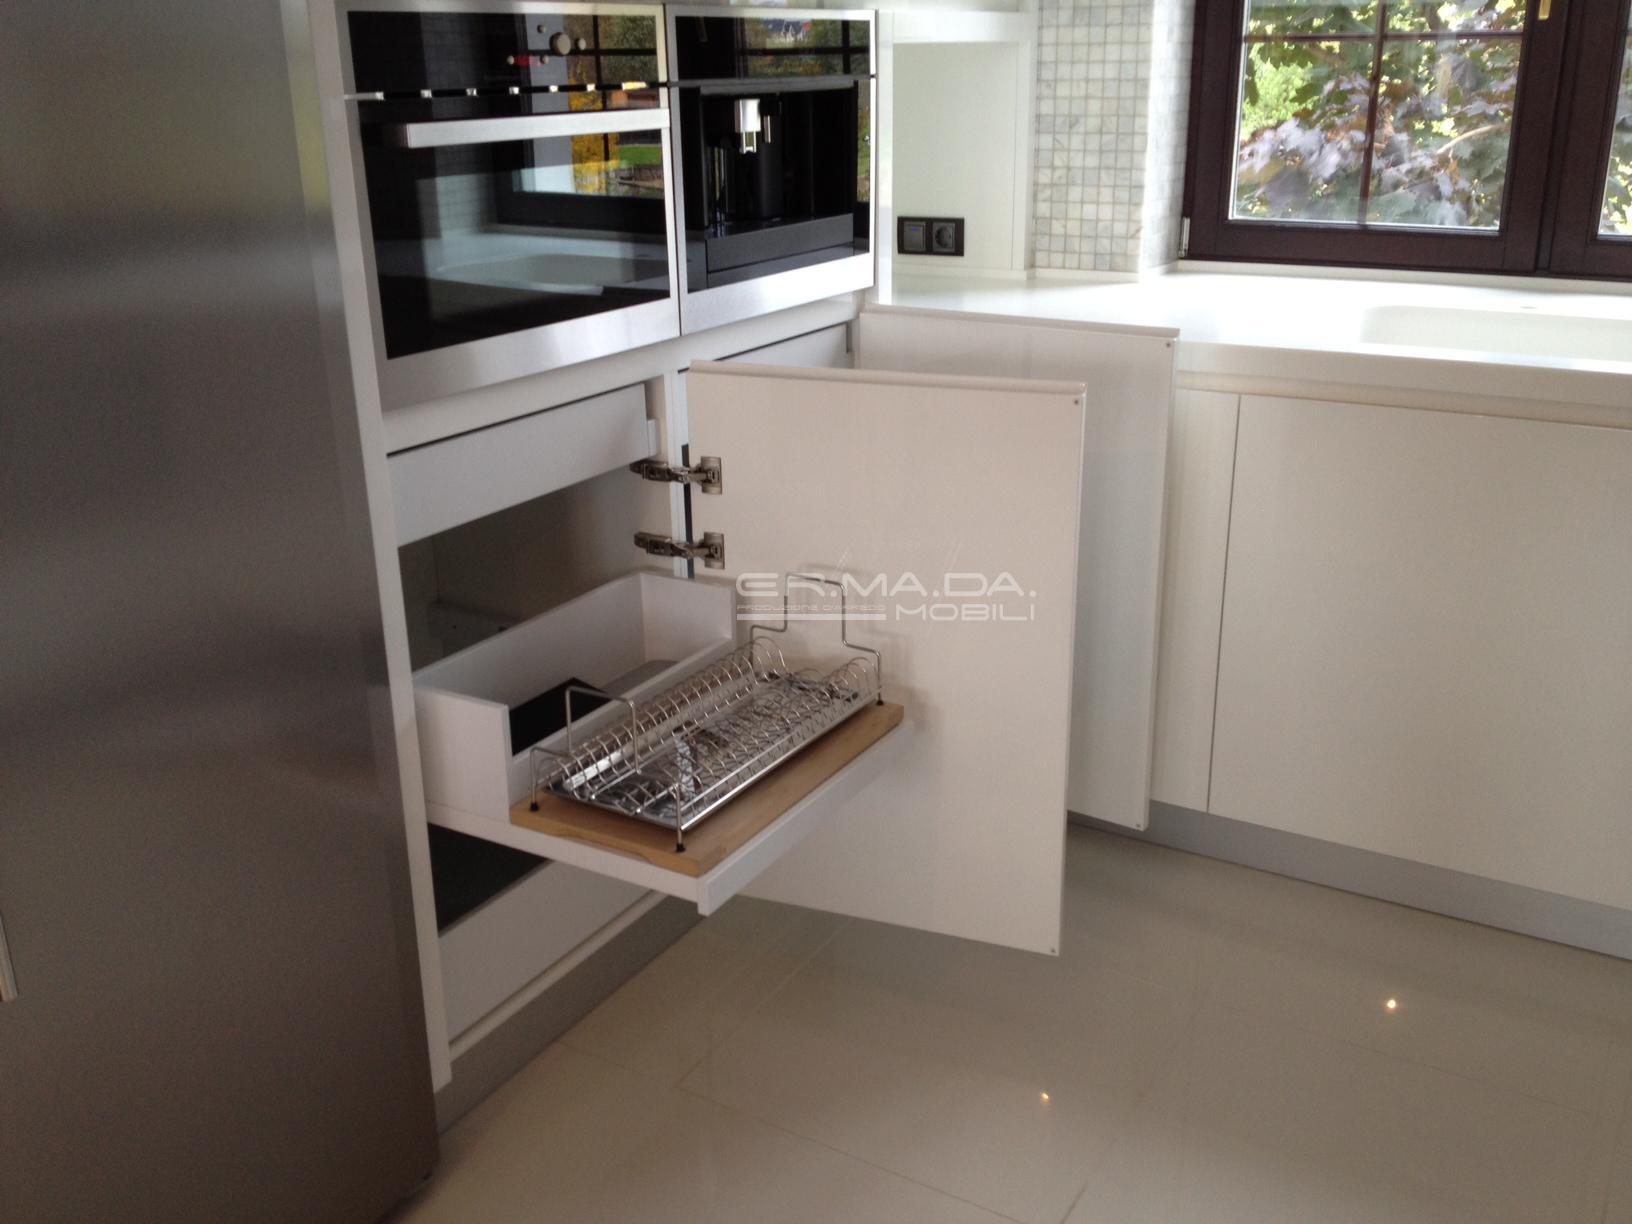 13 Cucina laccata bianco lucido - ER. MA. DA. Mobilificio ...